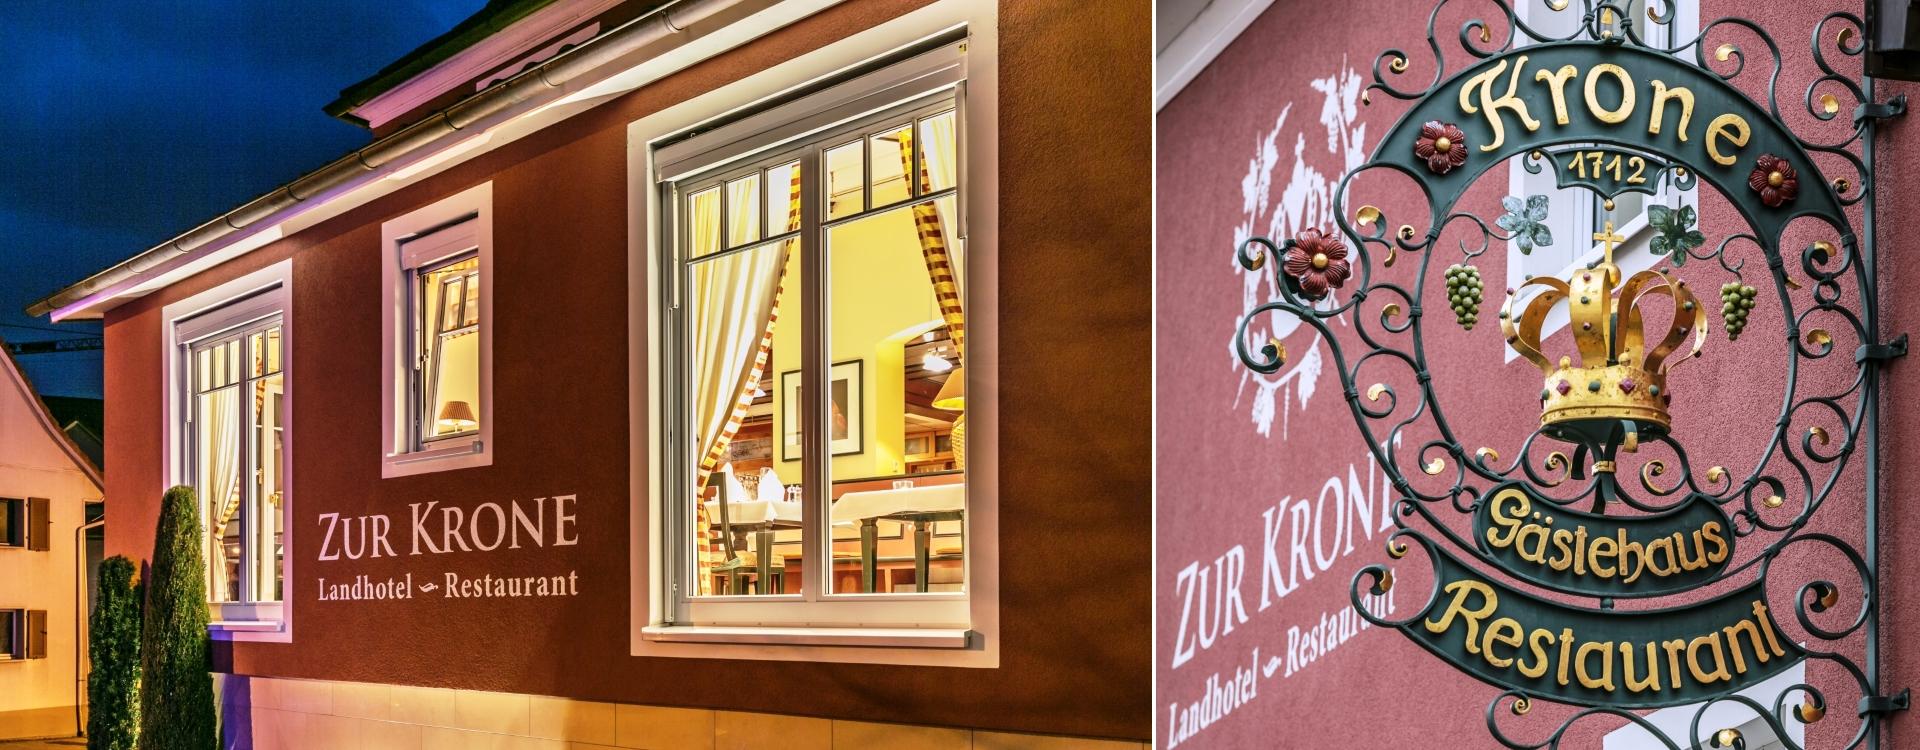 Zur Krone Gottenheim – Impressionen